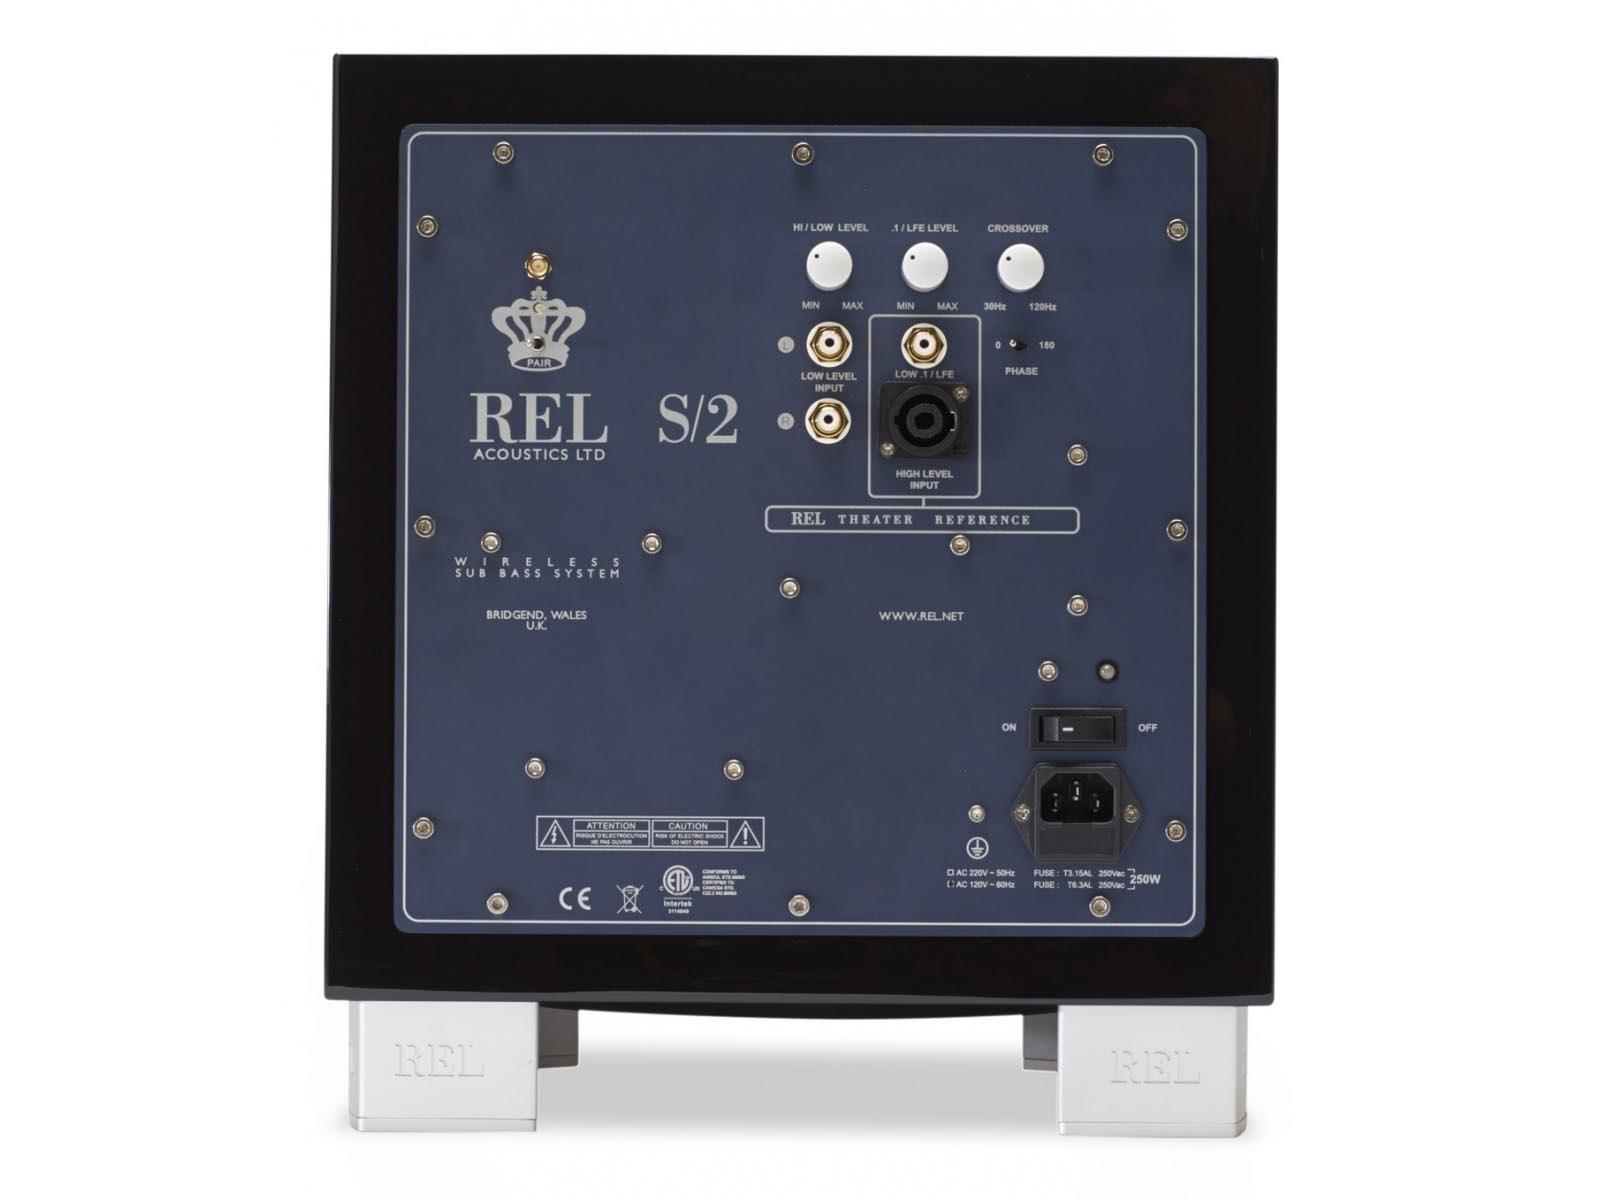 REL S/2 Barevné provedení: černý klavírní lak